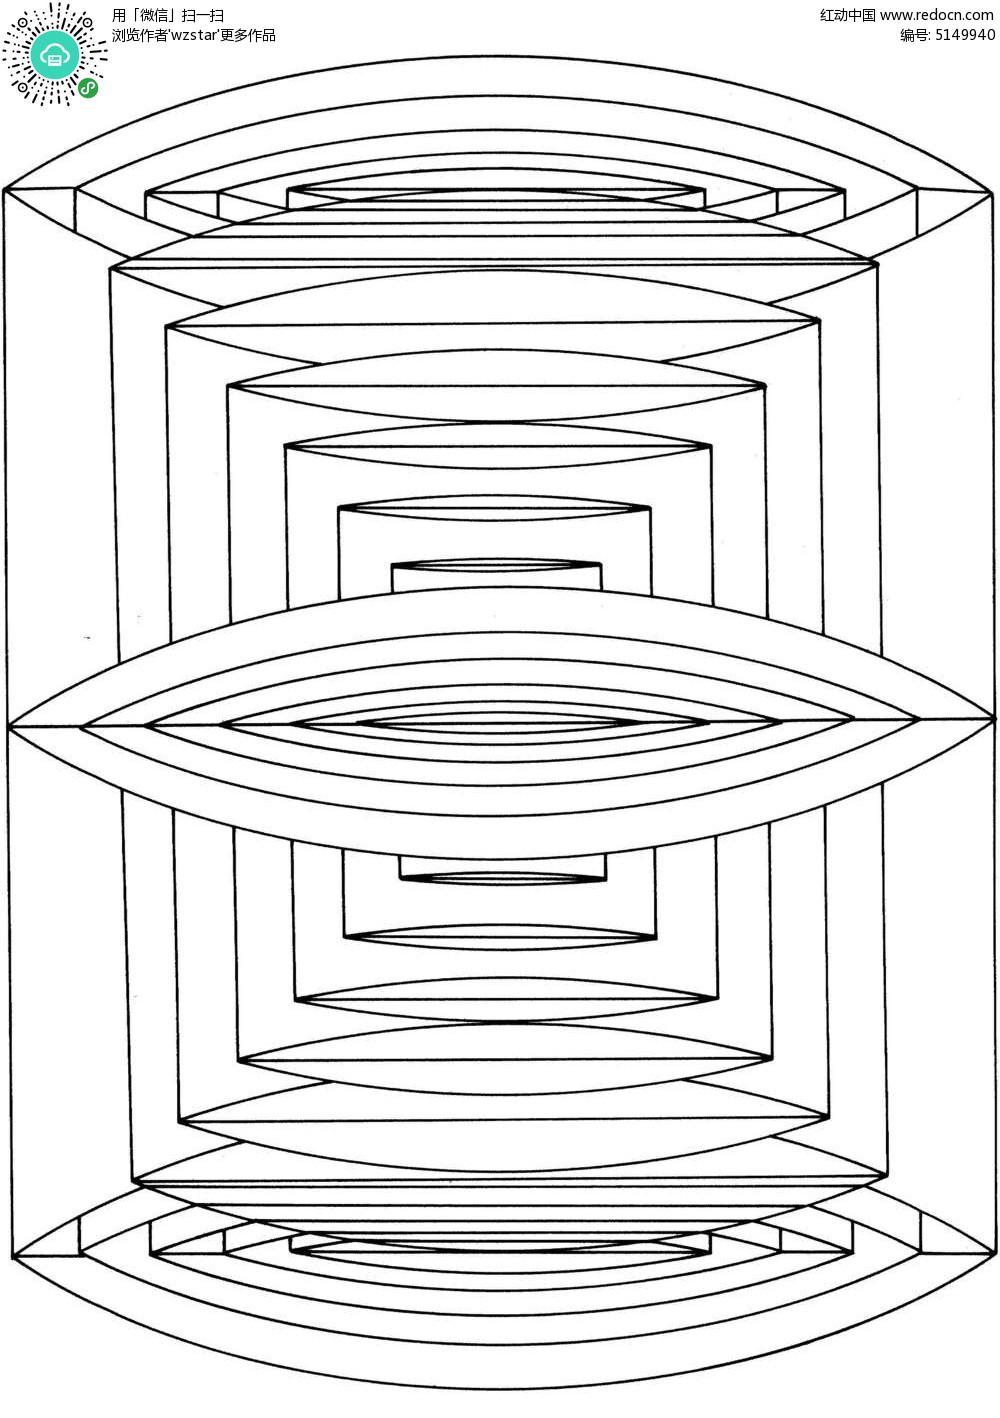 圆柱横截面图形TIF素材免费下载 编号5149940 红动网图片